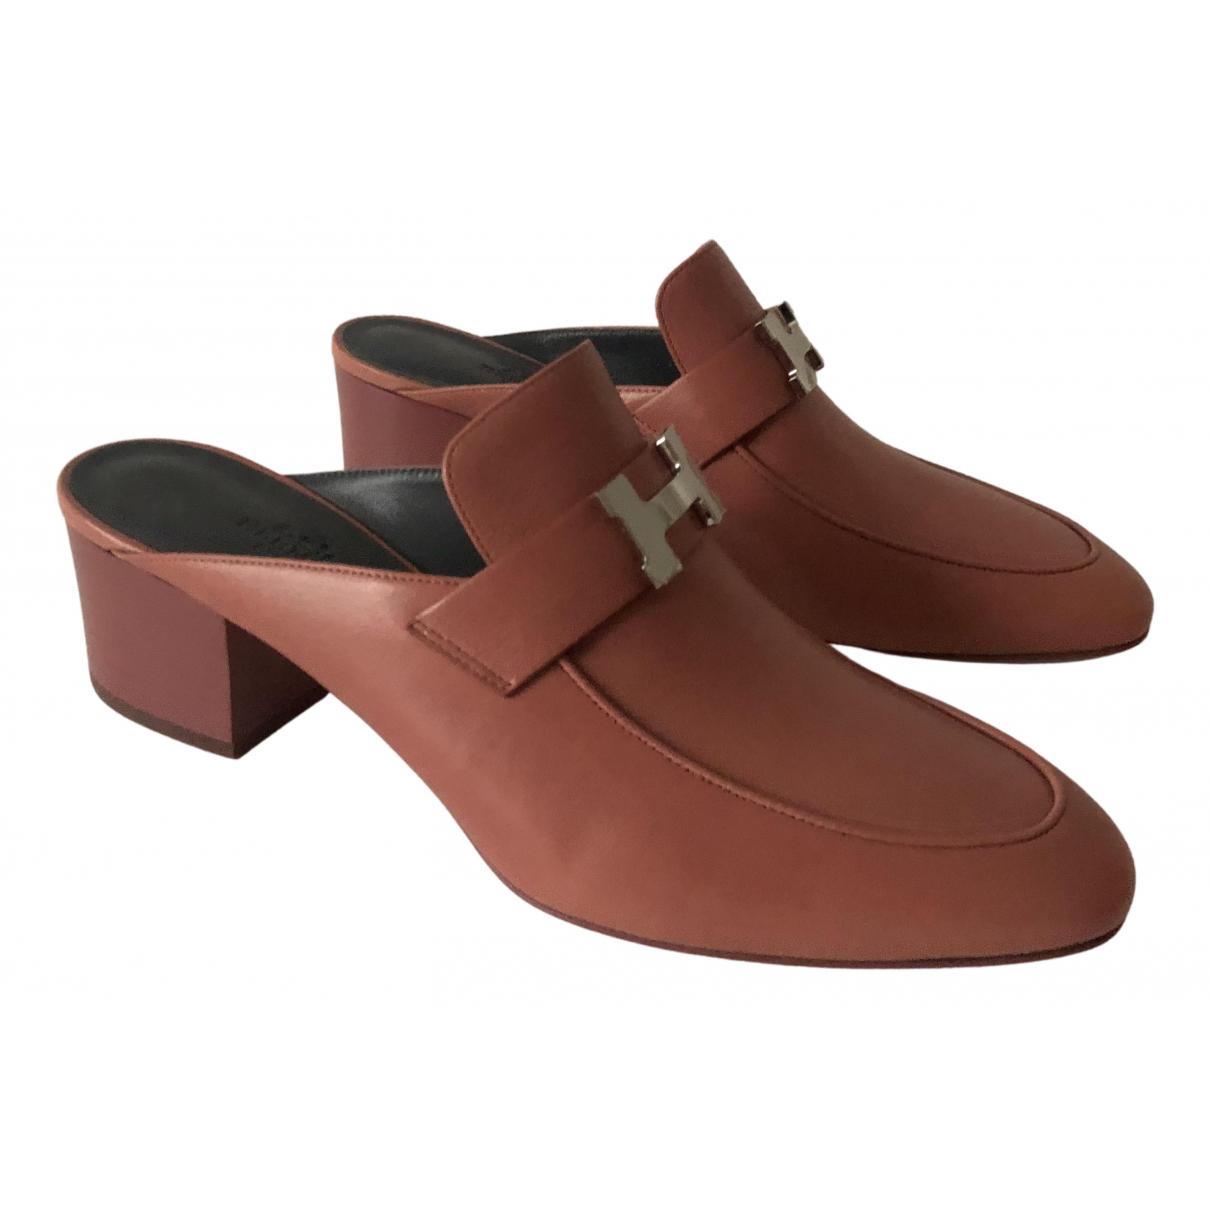 Hermes - Sandales Paradis pour femme en cuir - rose